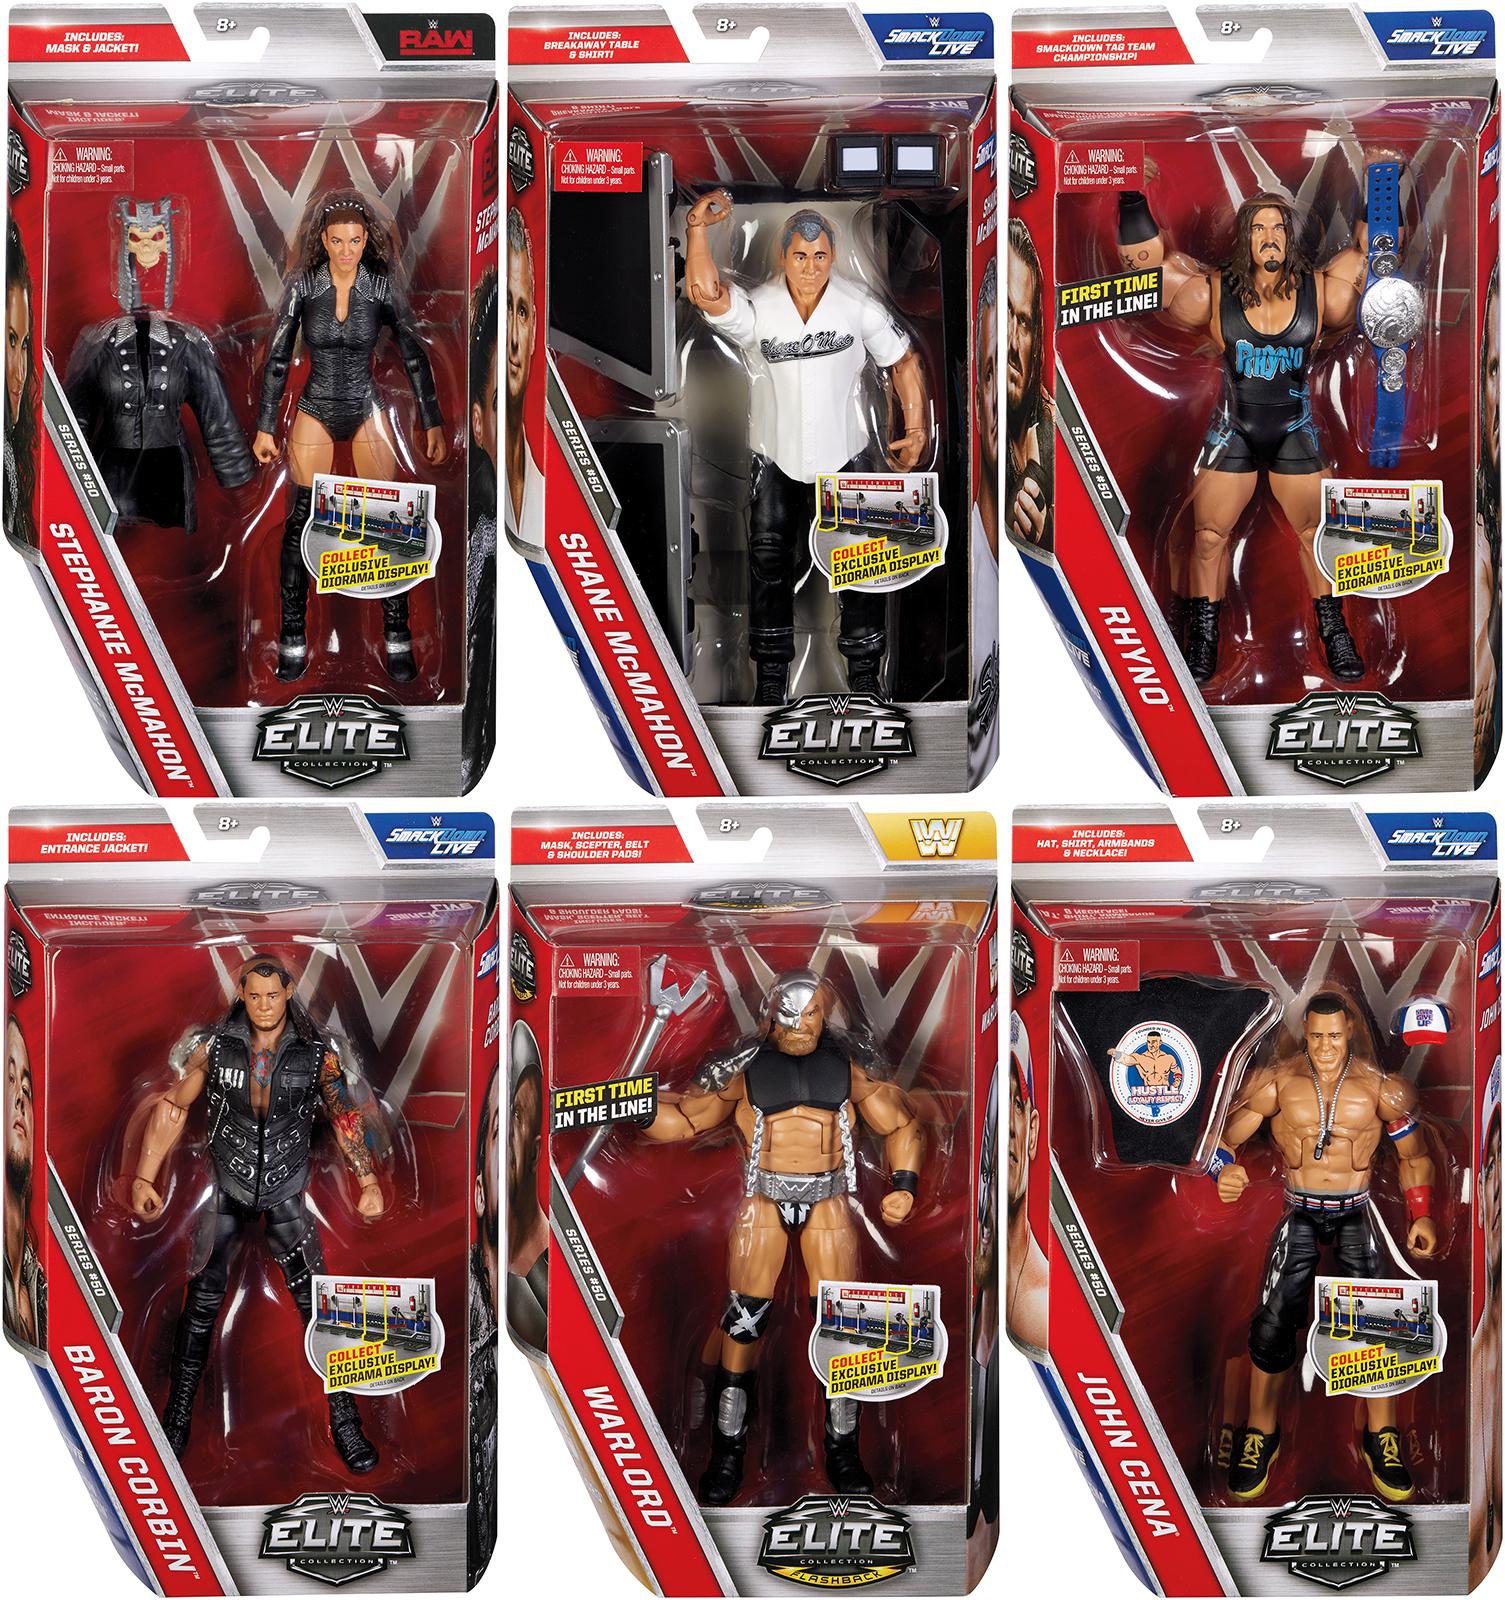 WWE Elite 50 Complete Set Of 6 Toy Wrestling Action Figures